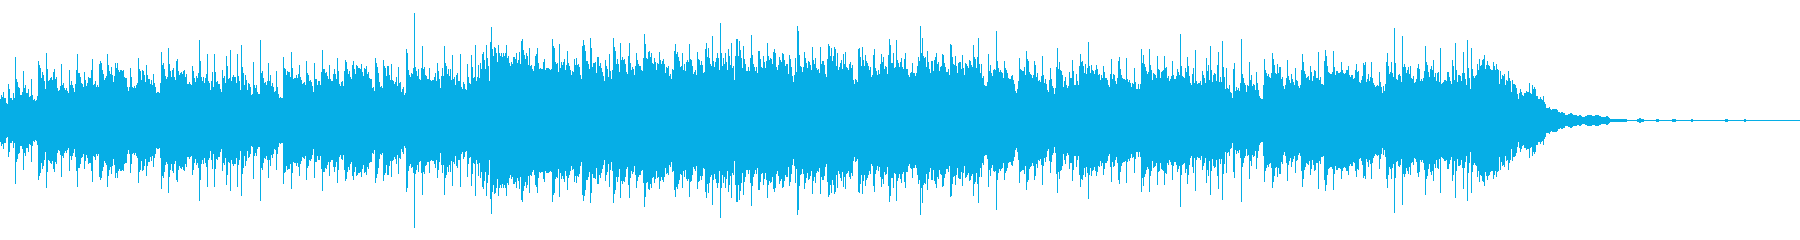 穏やかなドキュメンタリー用ほのぼのアコギの再生済みの波形